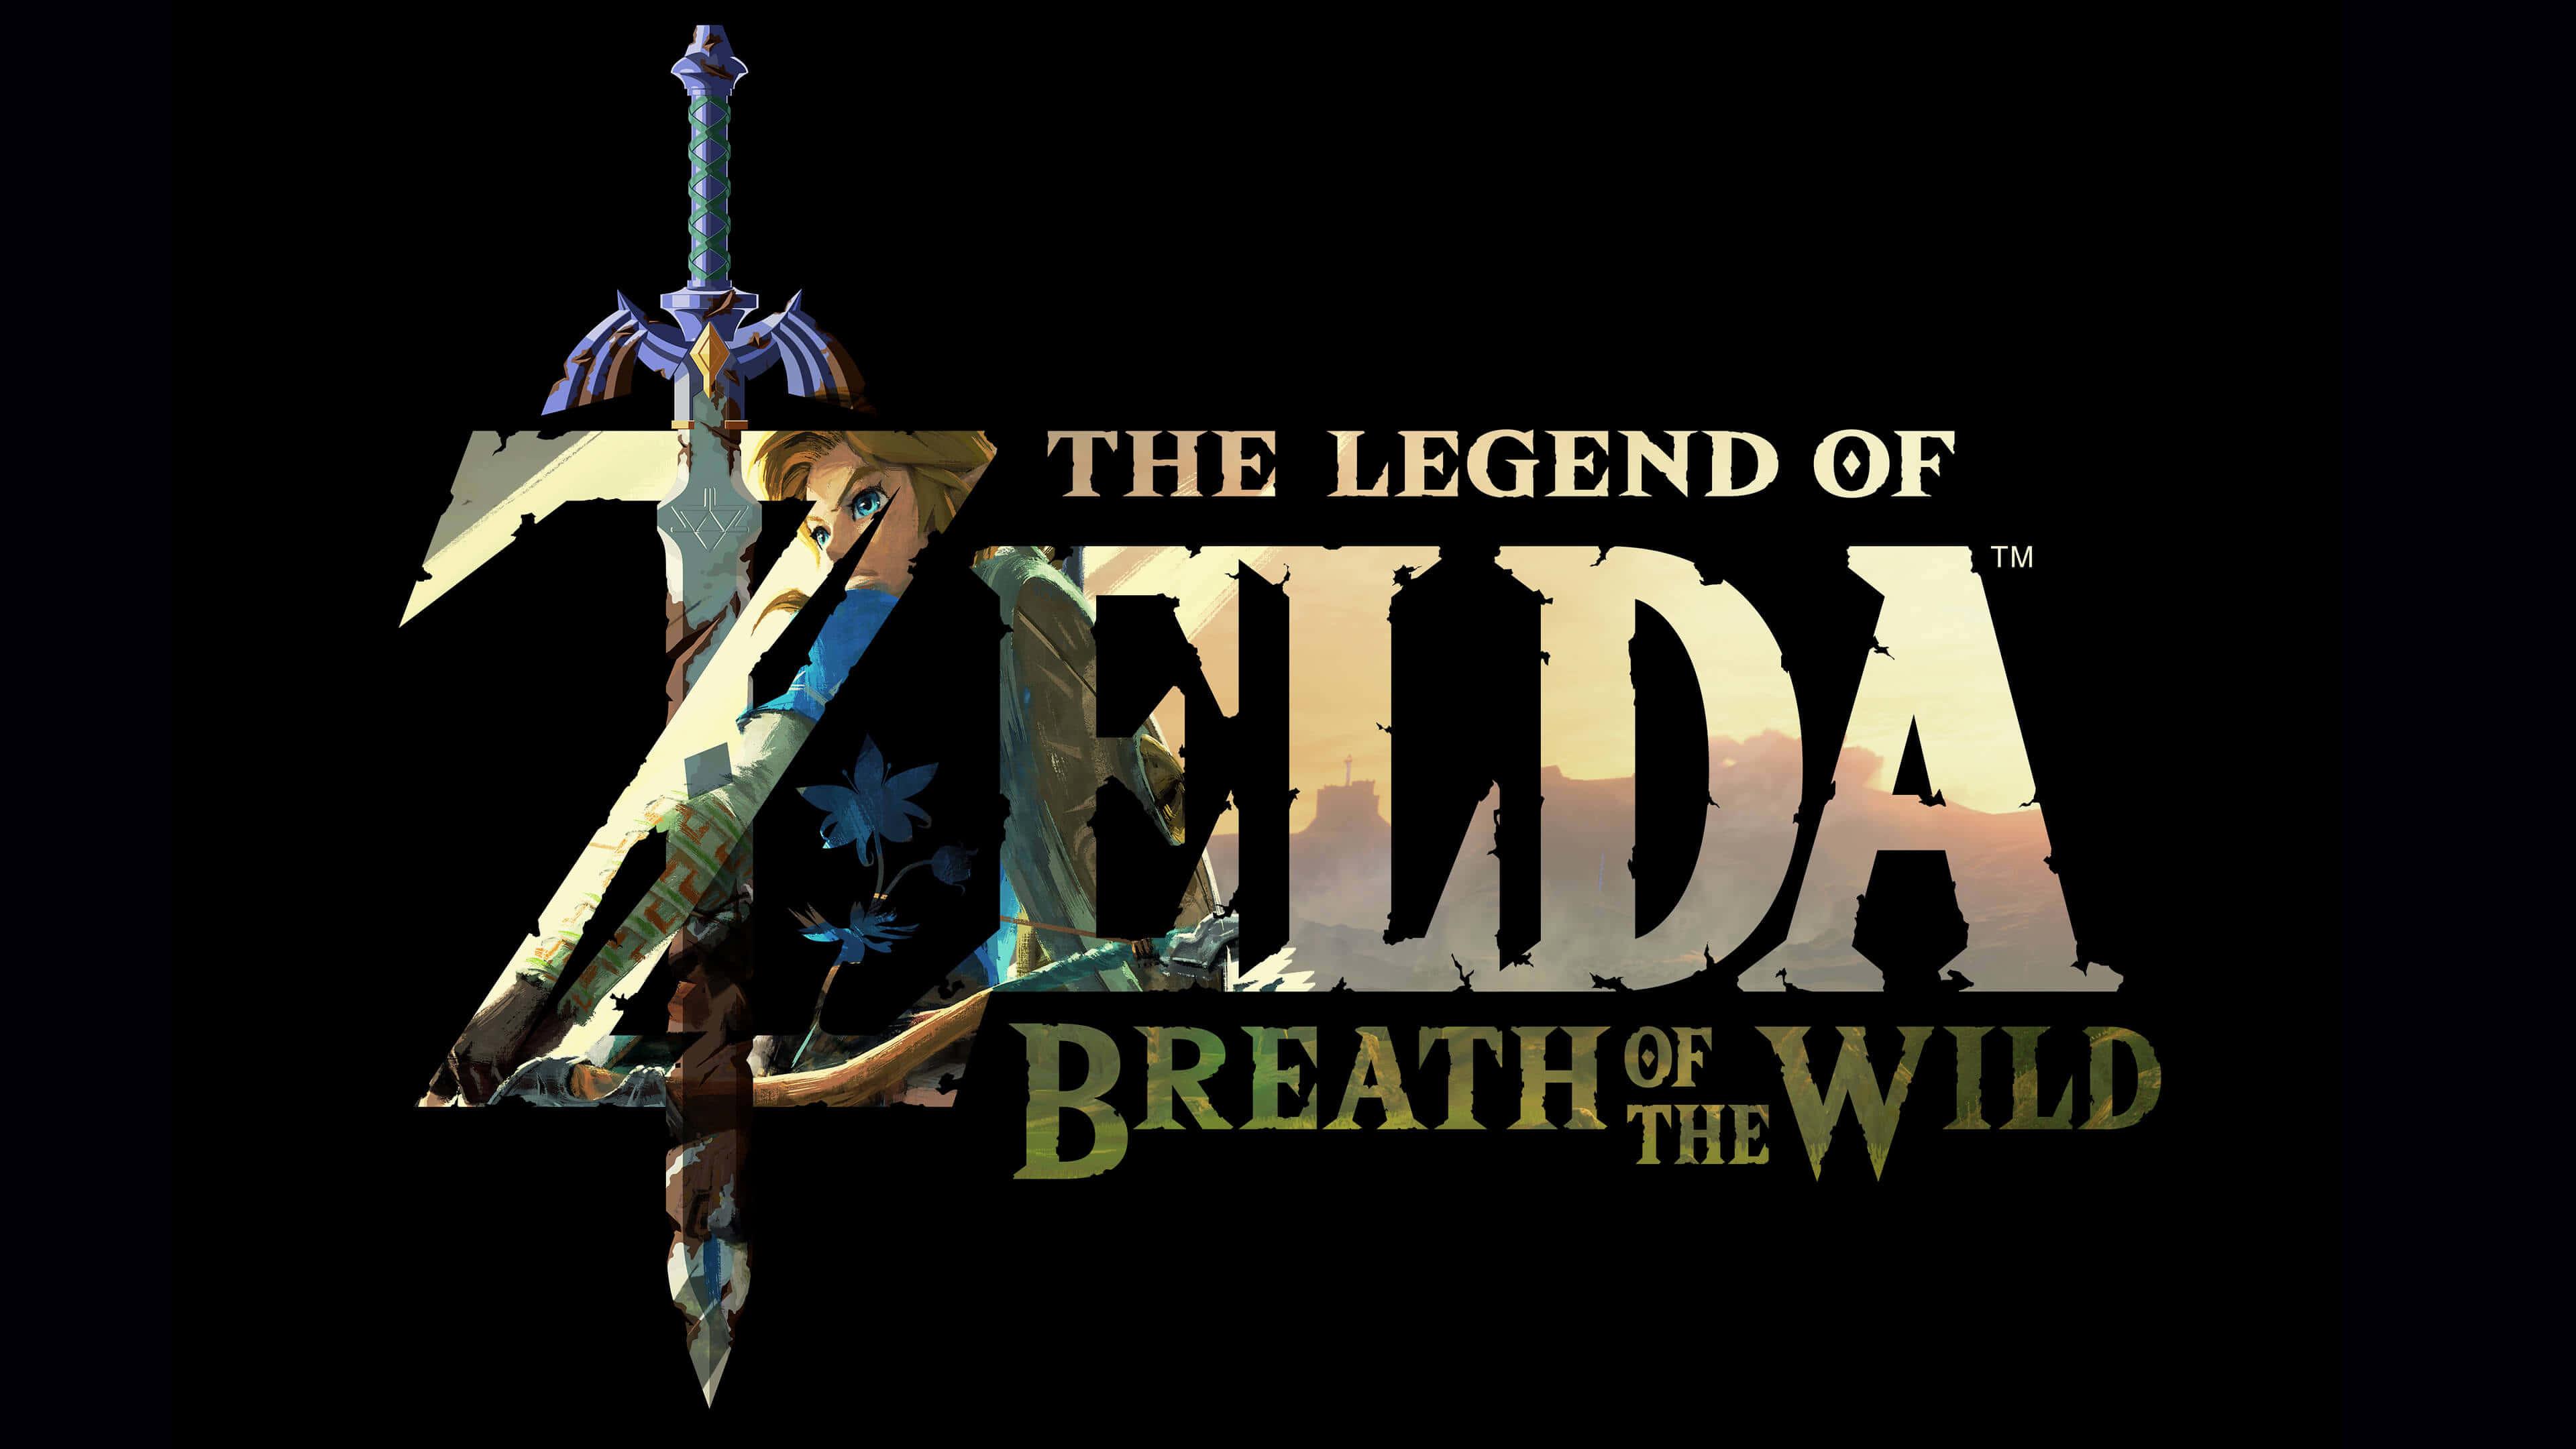 Res: 3840x2160, the legend of zelda breathe of the wild uhd 4k wallpaper